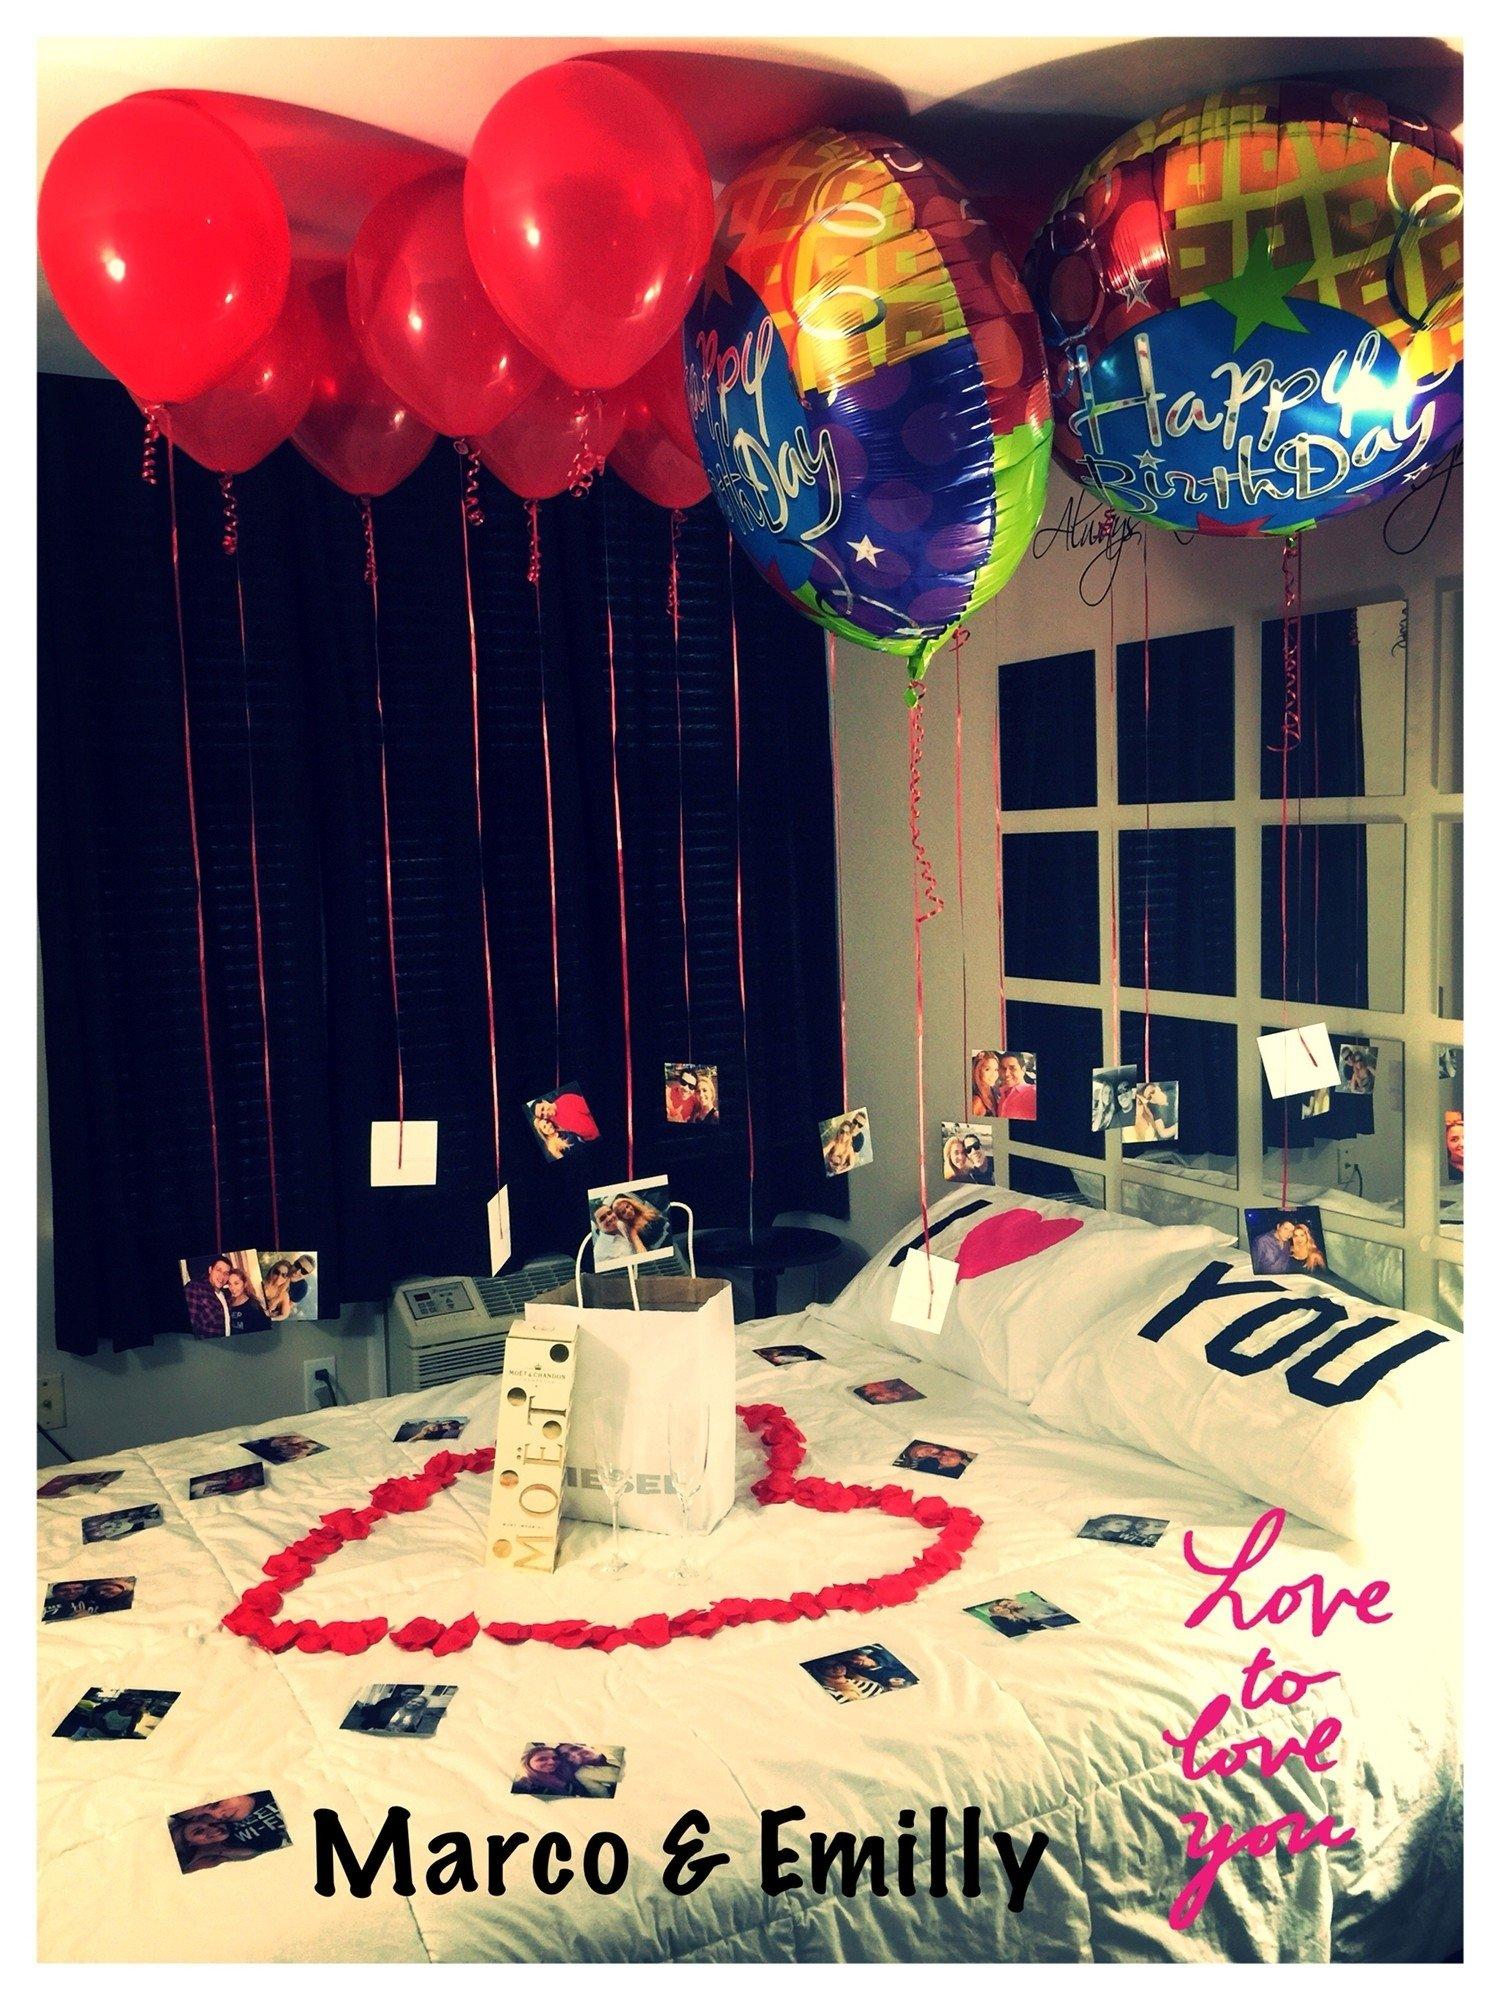 10 Stunning Birthday Party Ideas For Boyfriend cool boyfriend birthday ideas ideas birthday cakes birthday